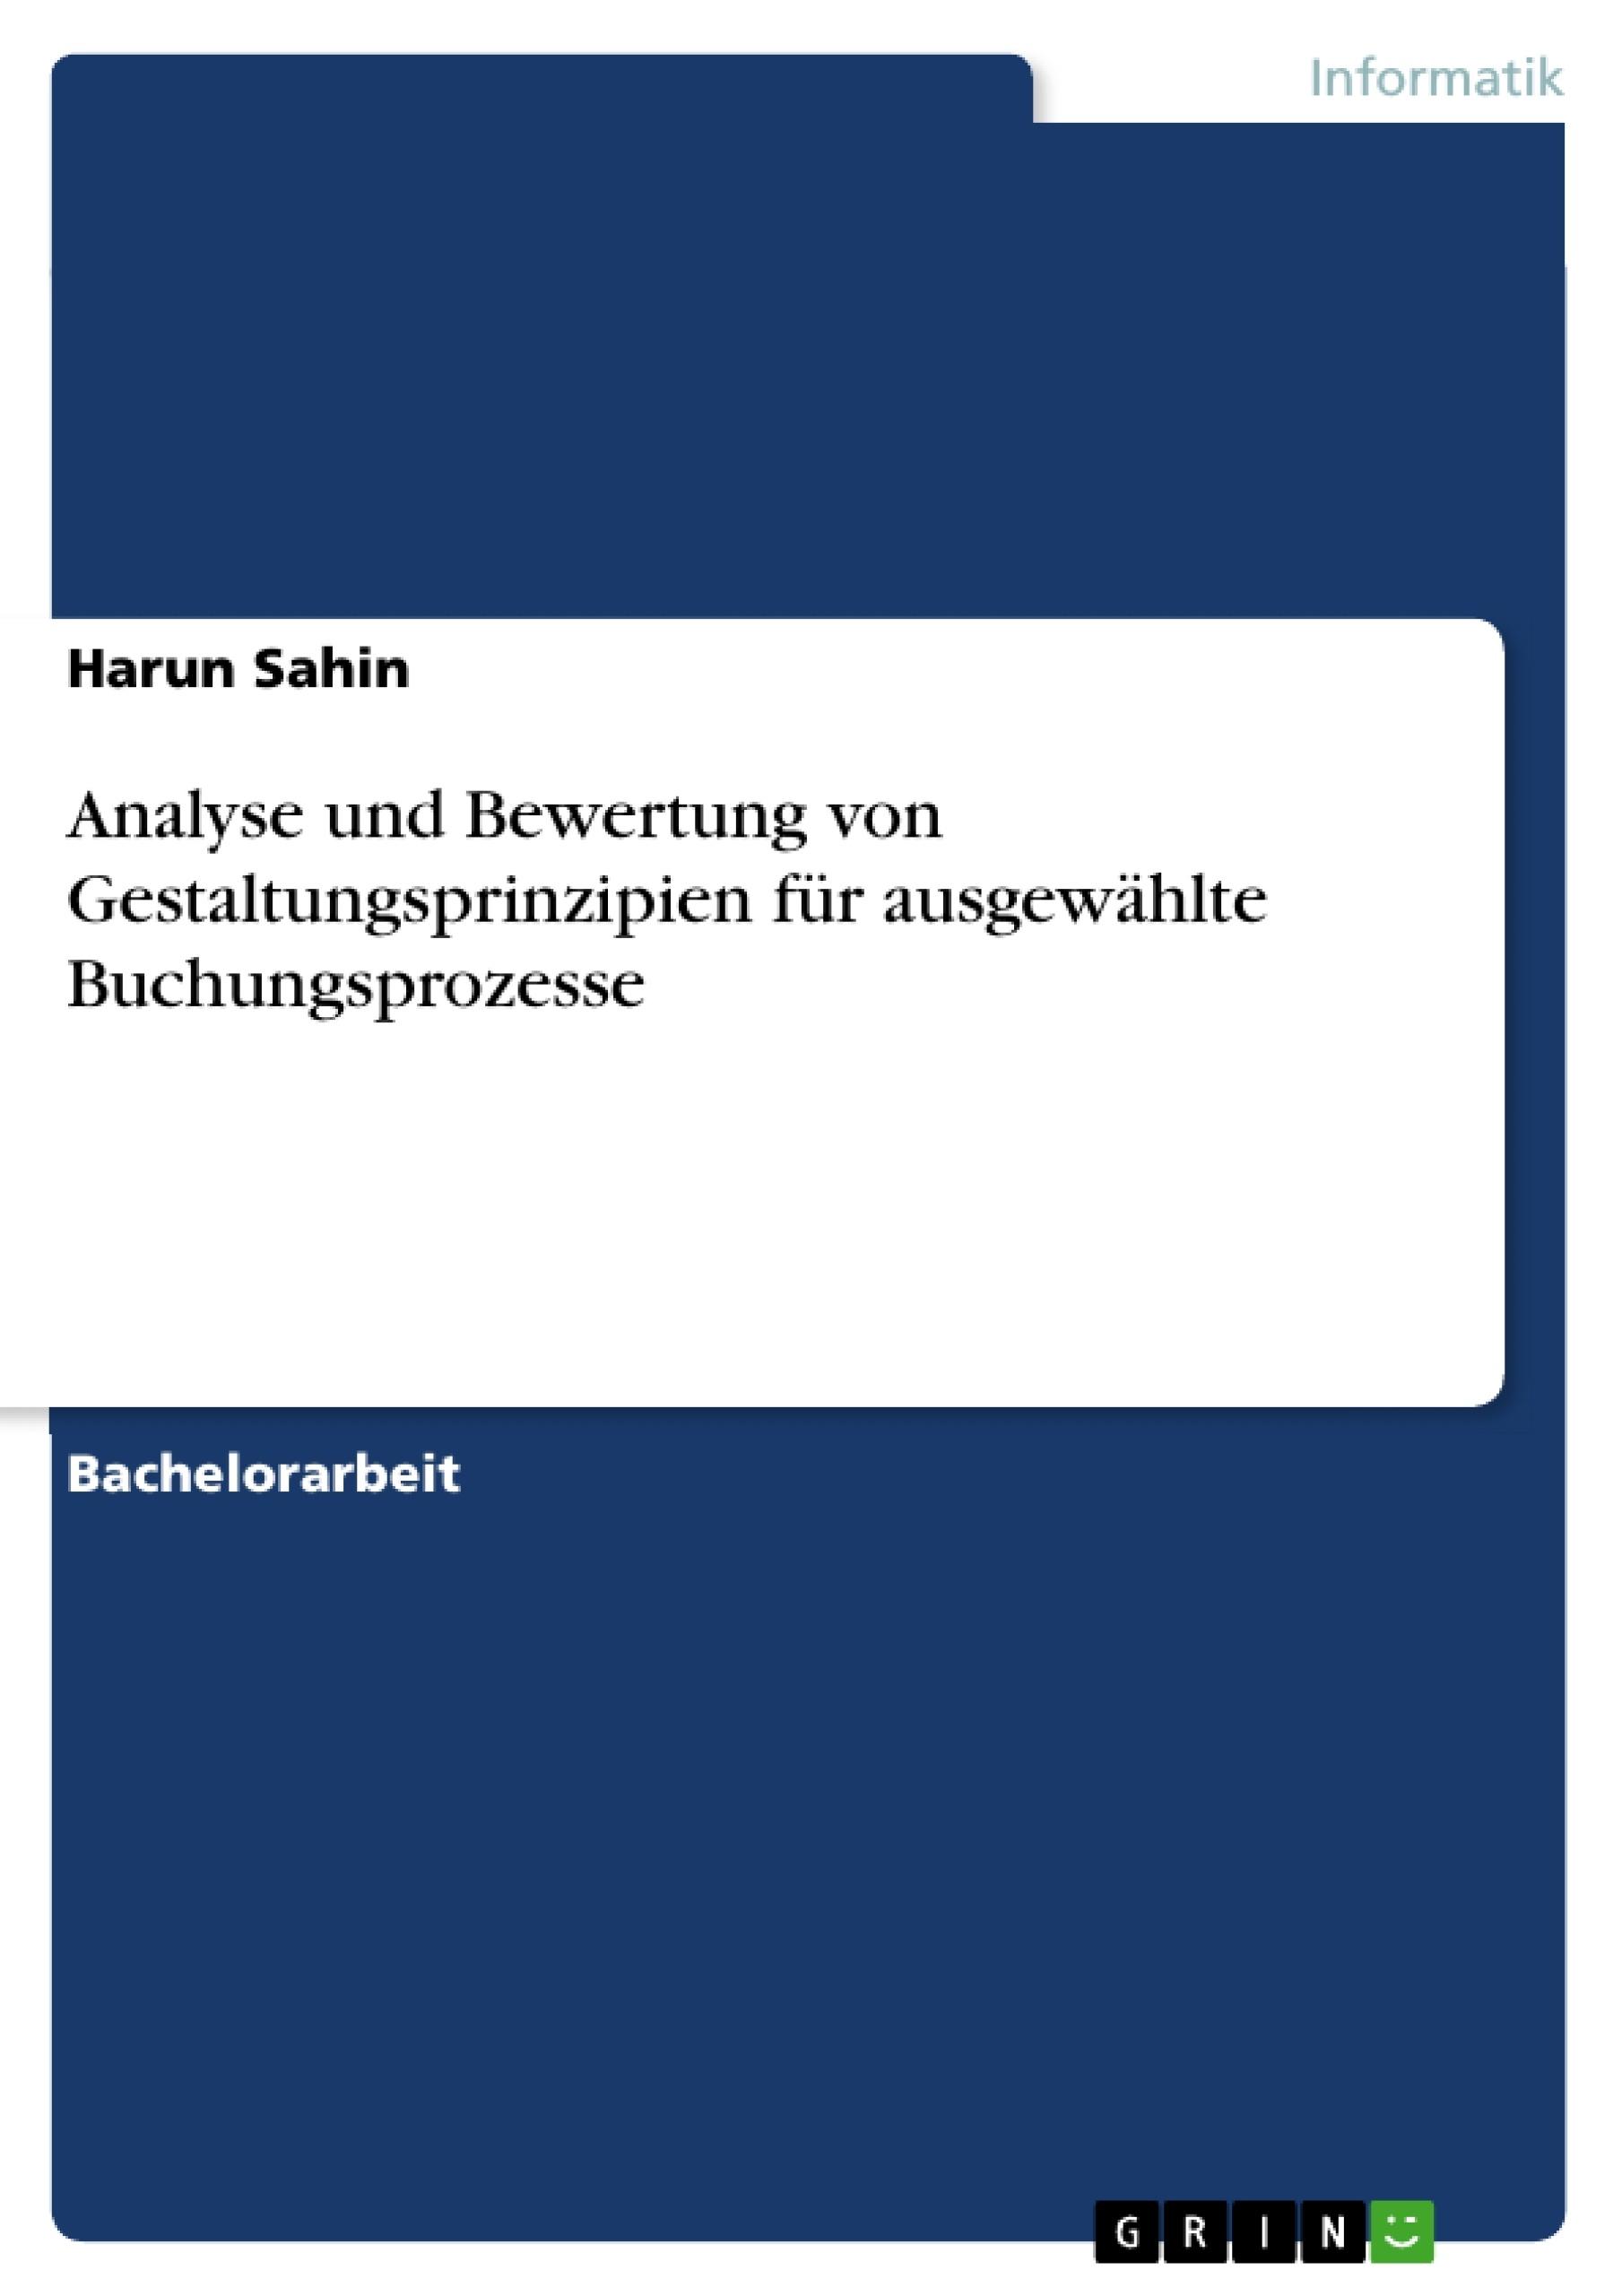 Titel: Analyse und Bewertung von Gestaltungsprinzipien für ausgewählte Buchungsprozesse